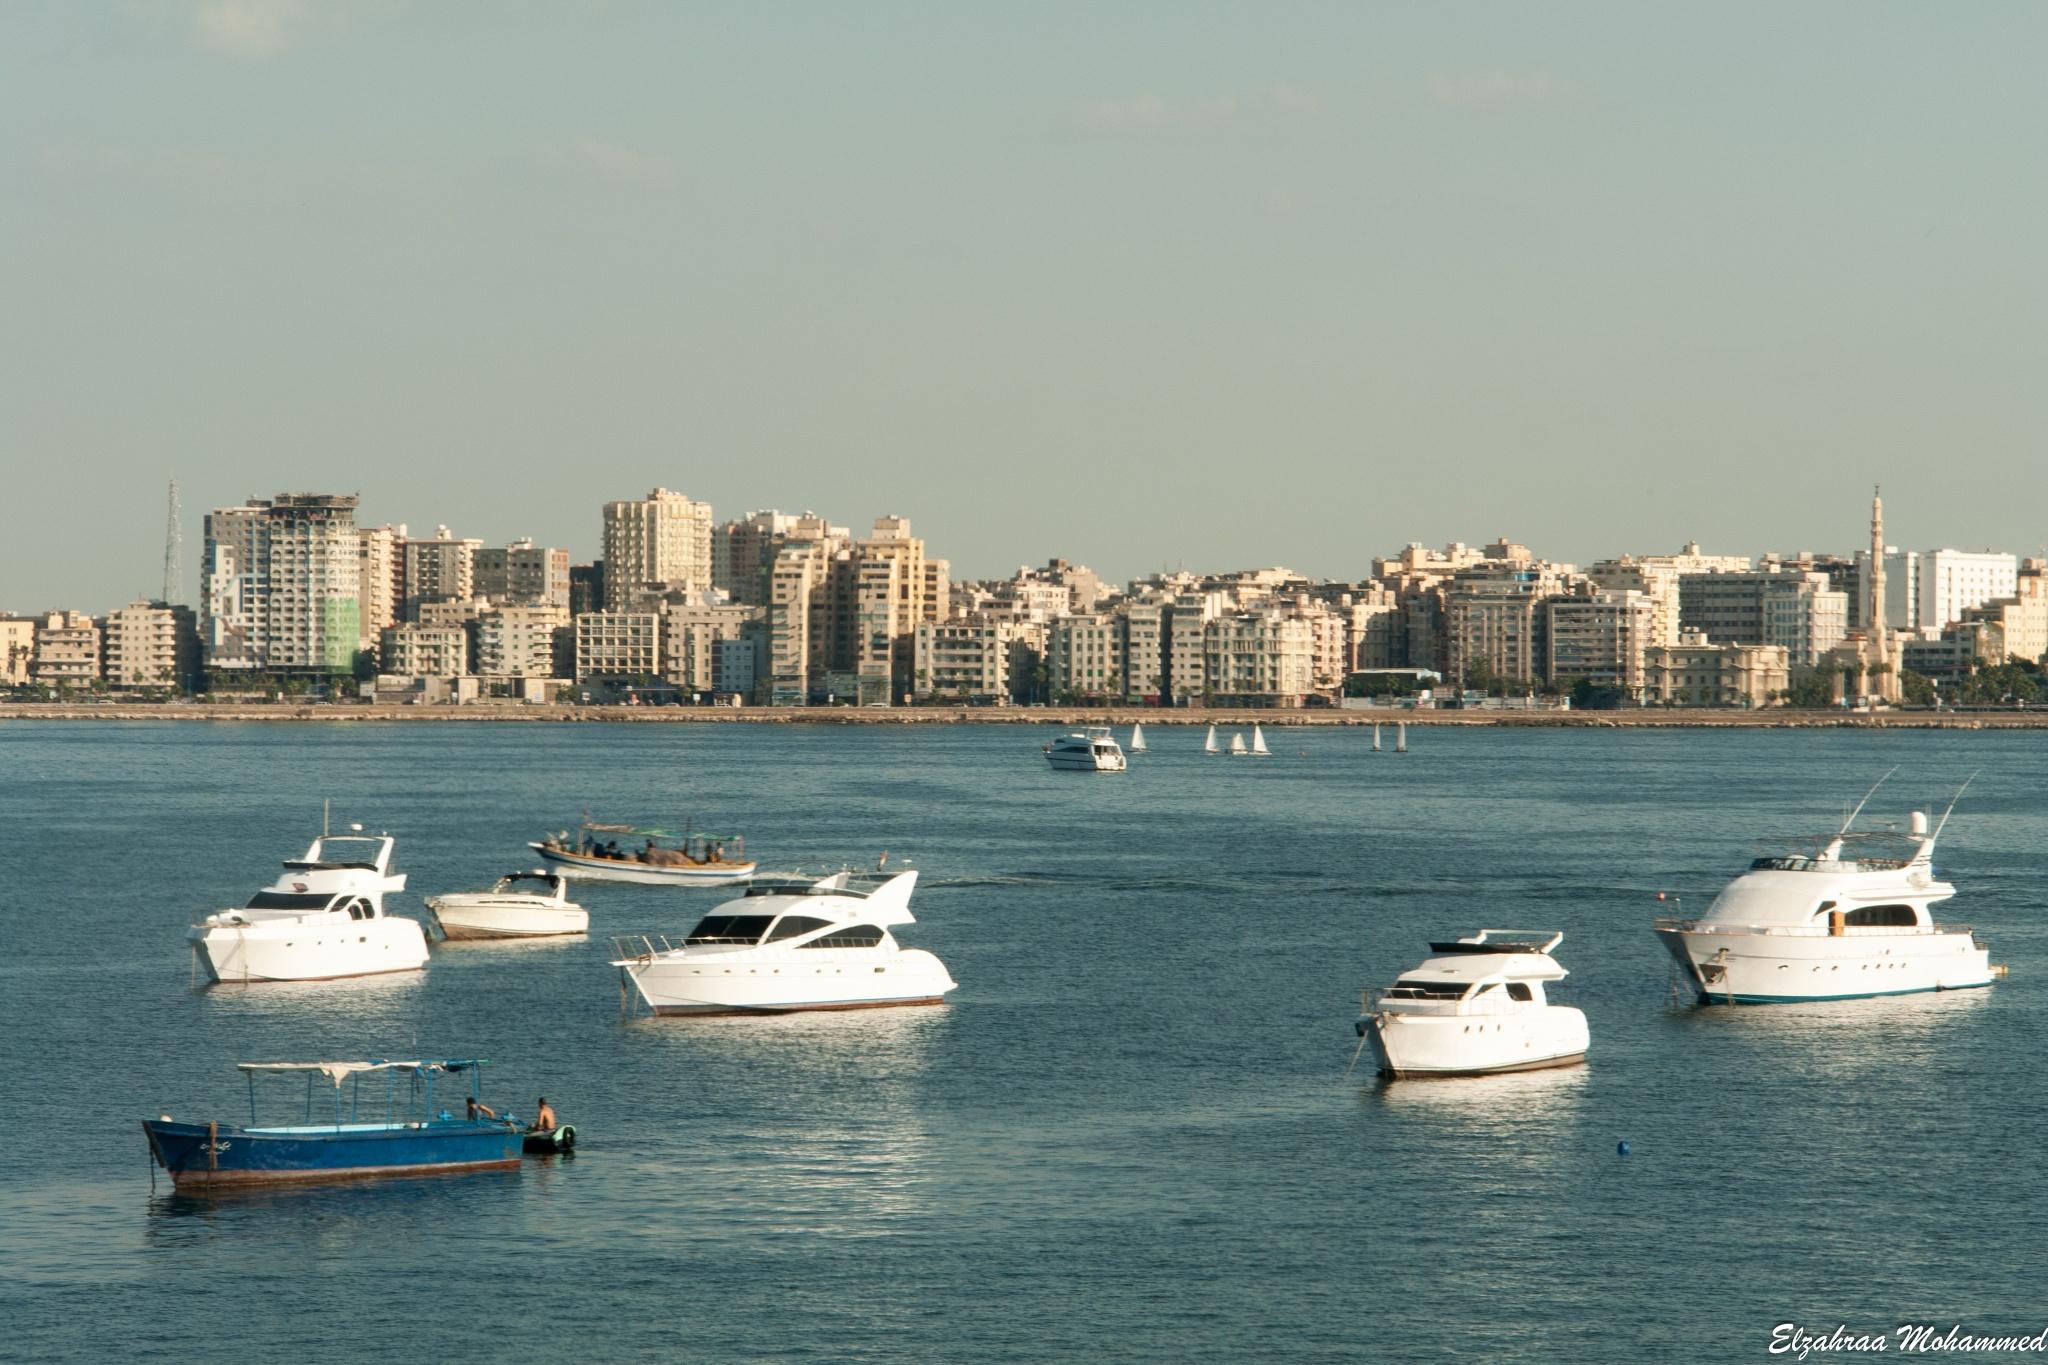 Alexandria ، Mediterranean's Bride by Elzahraa